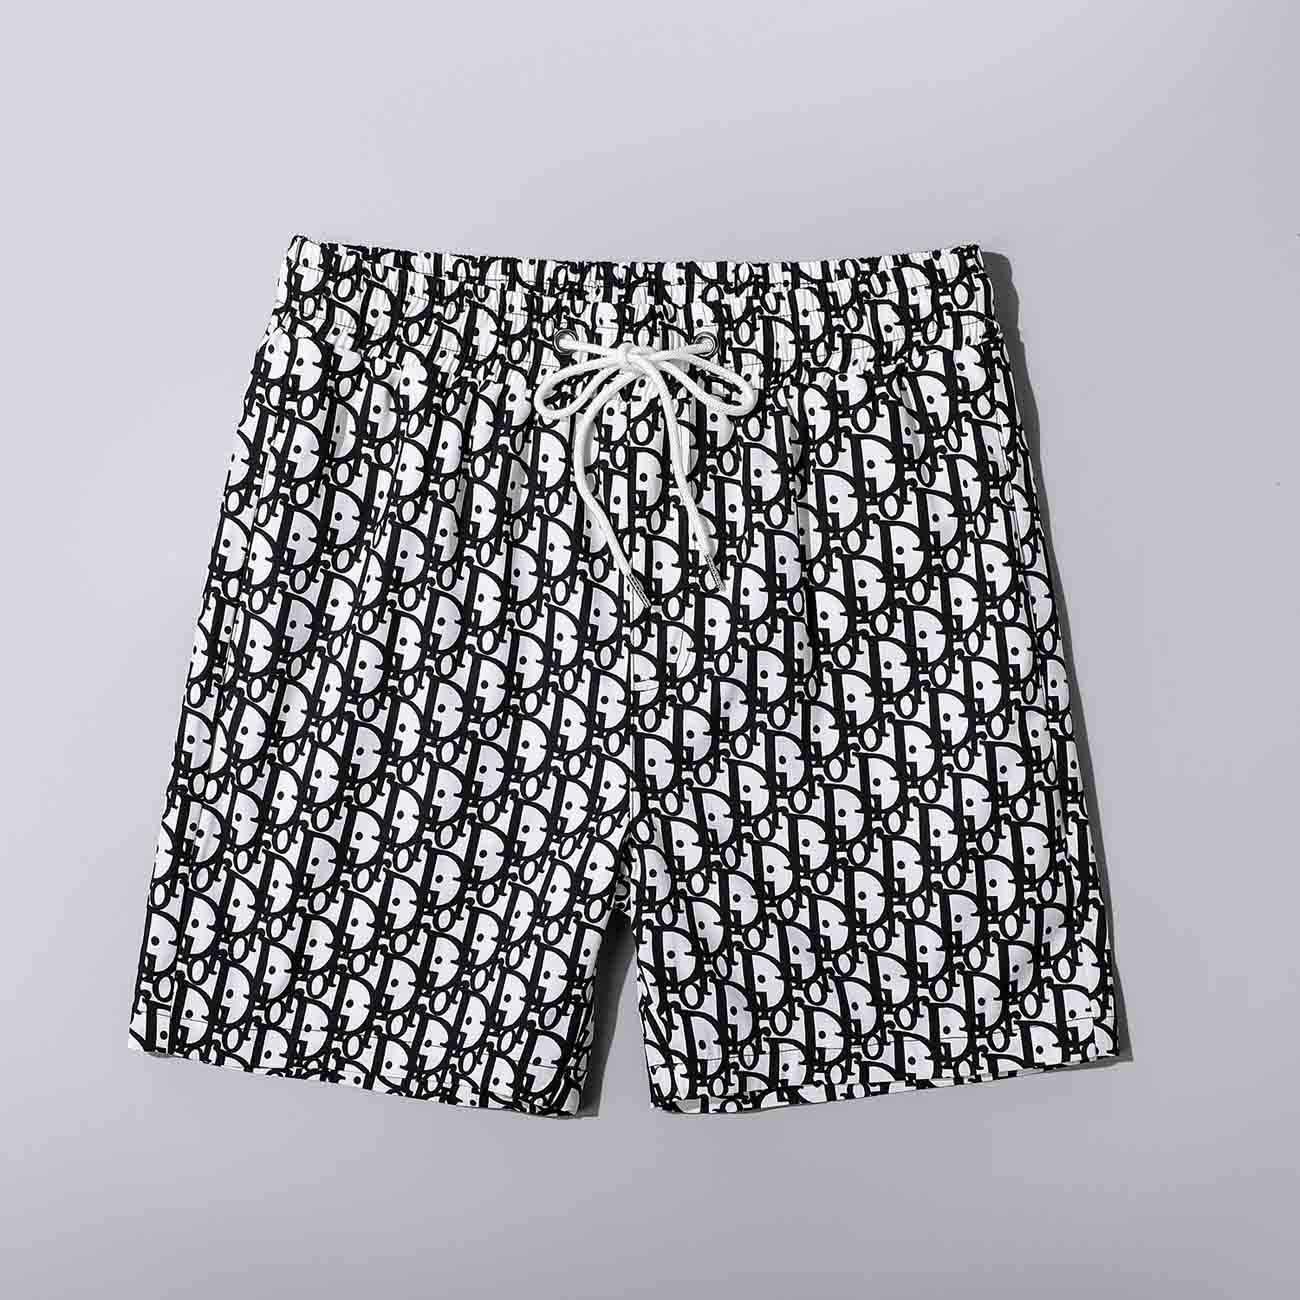 남성 브랜드 빠른 건조 해변 보드 반바지 바지를 인쇄 아이콘 도매 가격 남자의 통기성 방수 수영 트렁크 남자 수영 트렁크